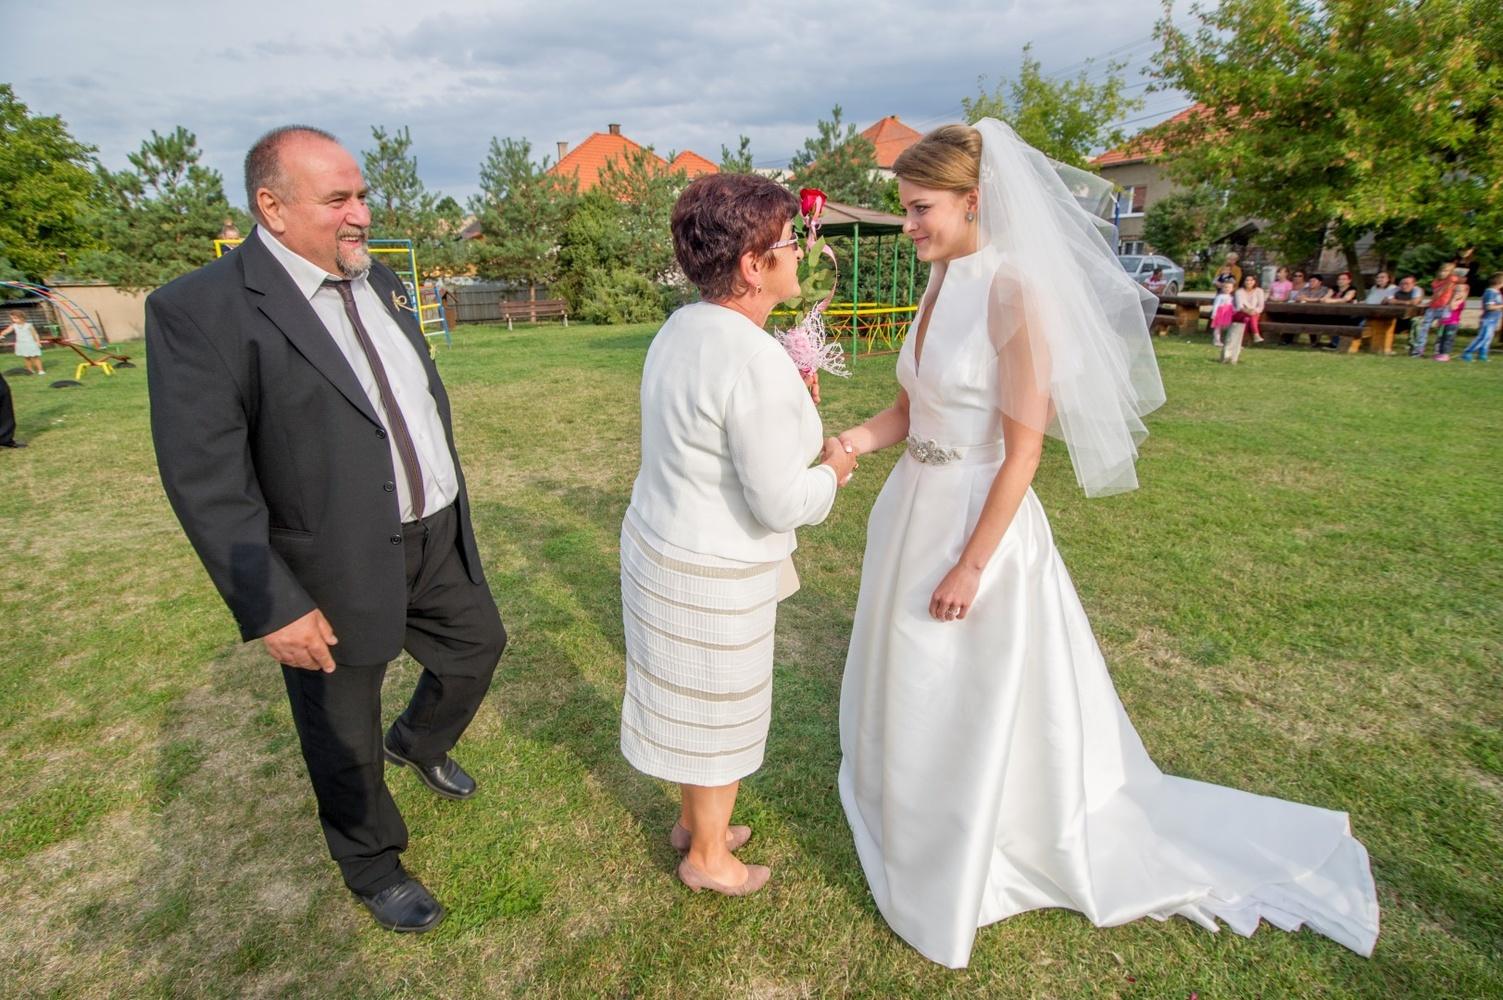 http://www.fotoz.sk/images/gallery-8/normal/eskuvoi-fotos_svadobny-fotograf_462.jpg